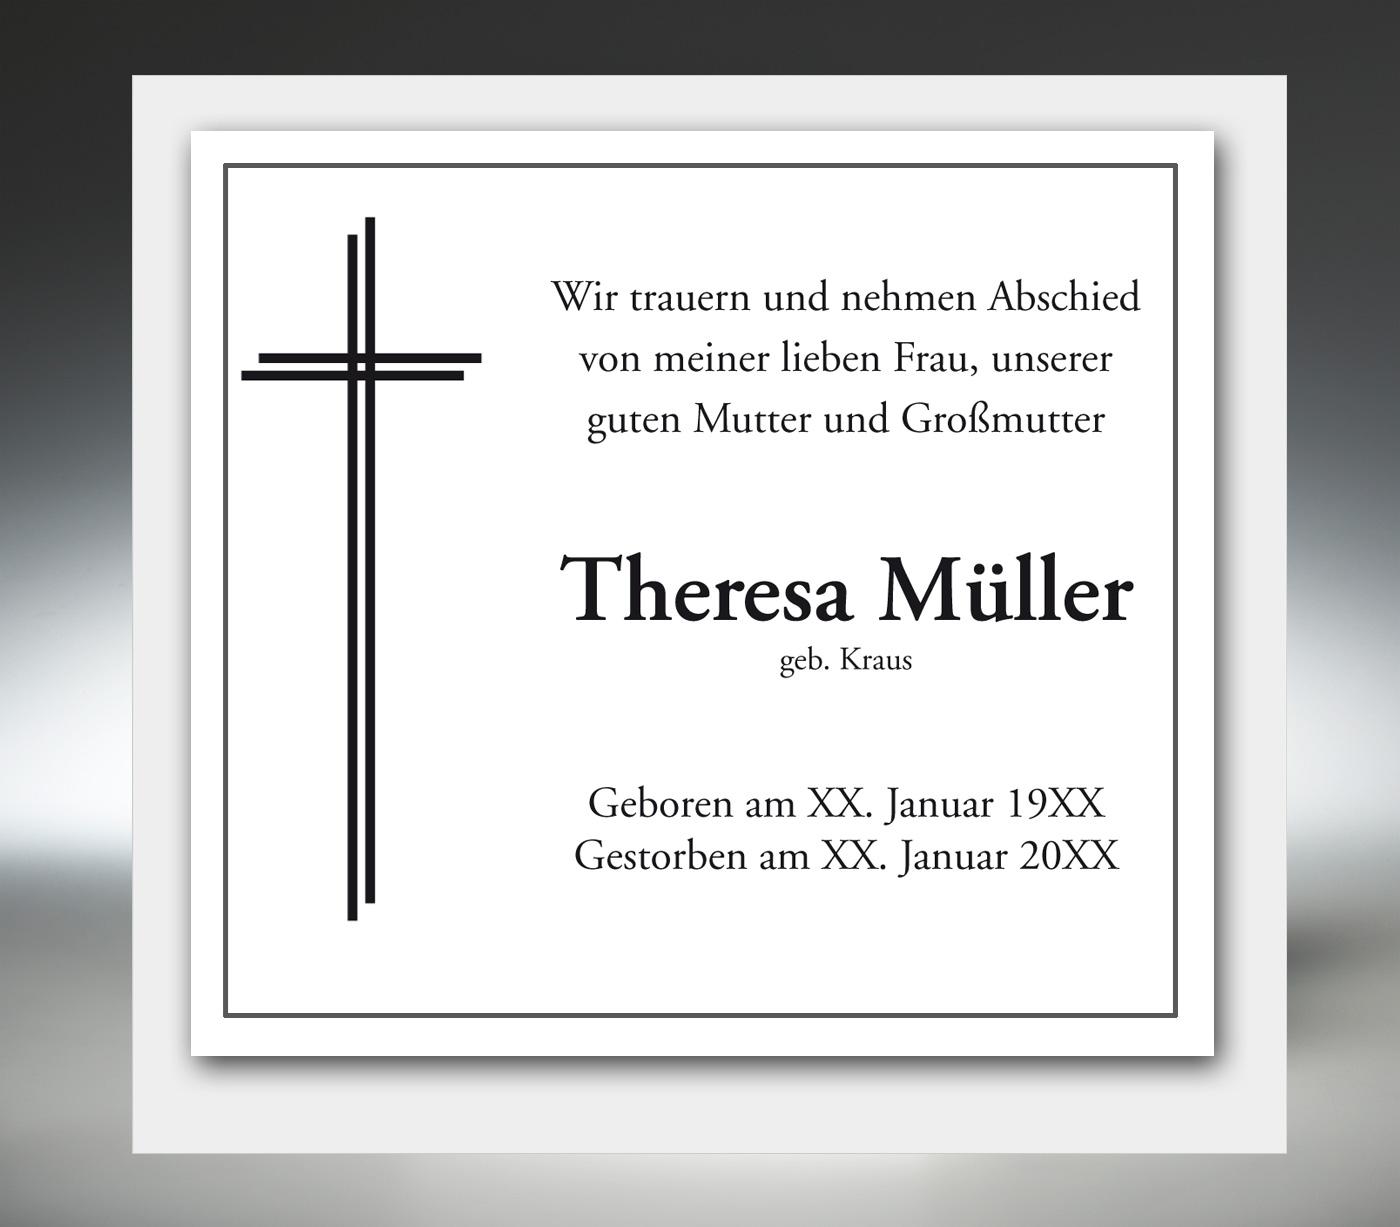 Traueranzeige online ver ffentlichen bei memento trauerkarten for Ver memento online